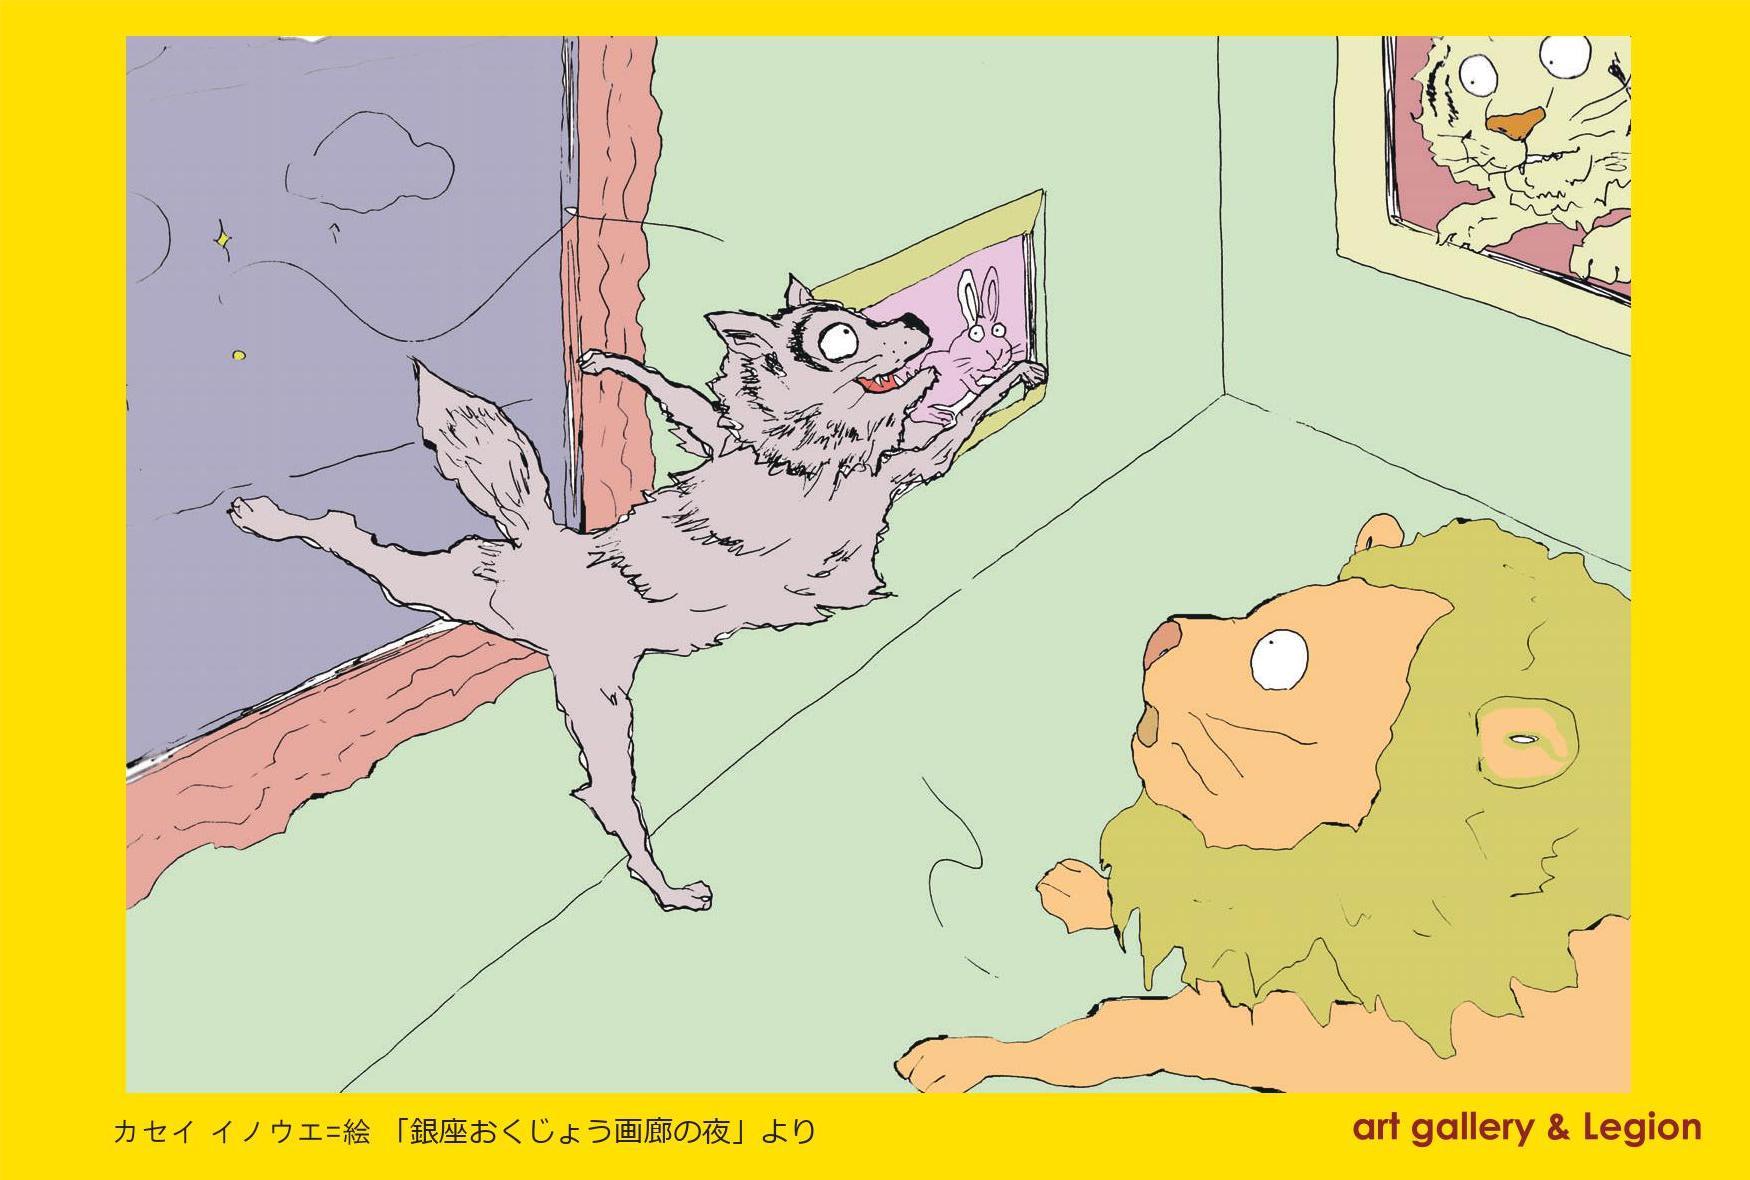 <small>2020年10月27日(火)-11月6日(金)</small><br>創作絵本の原画展 「銀座おくじょう画廊の夜」